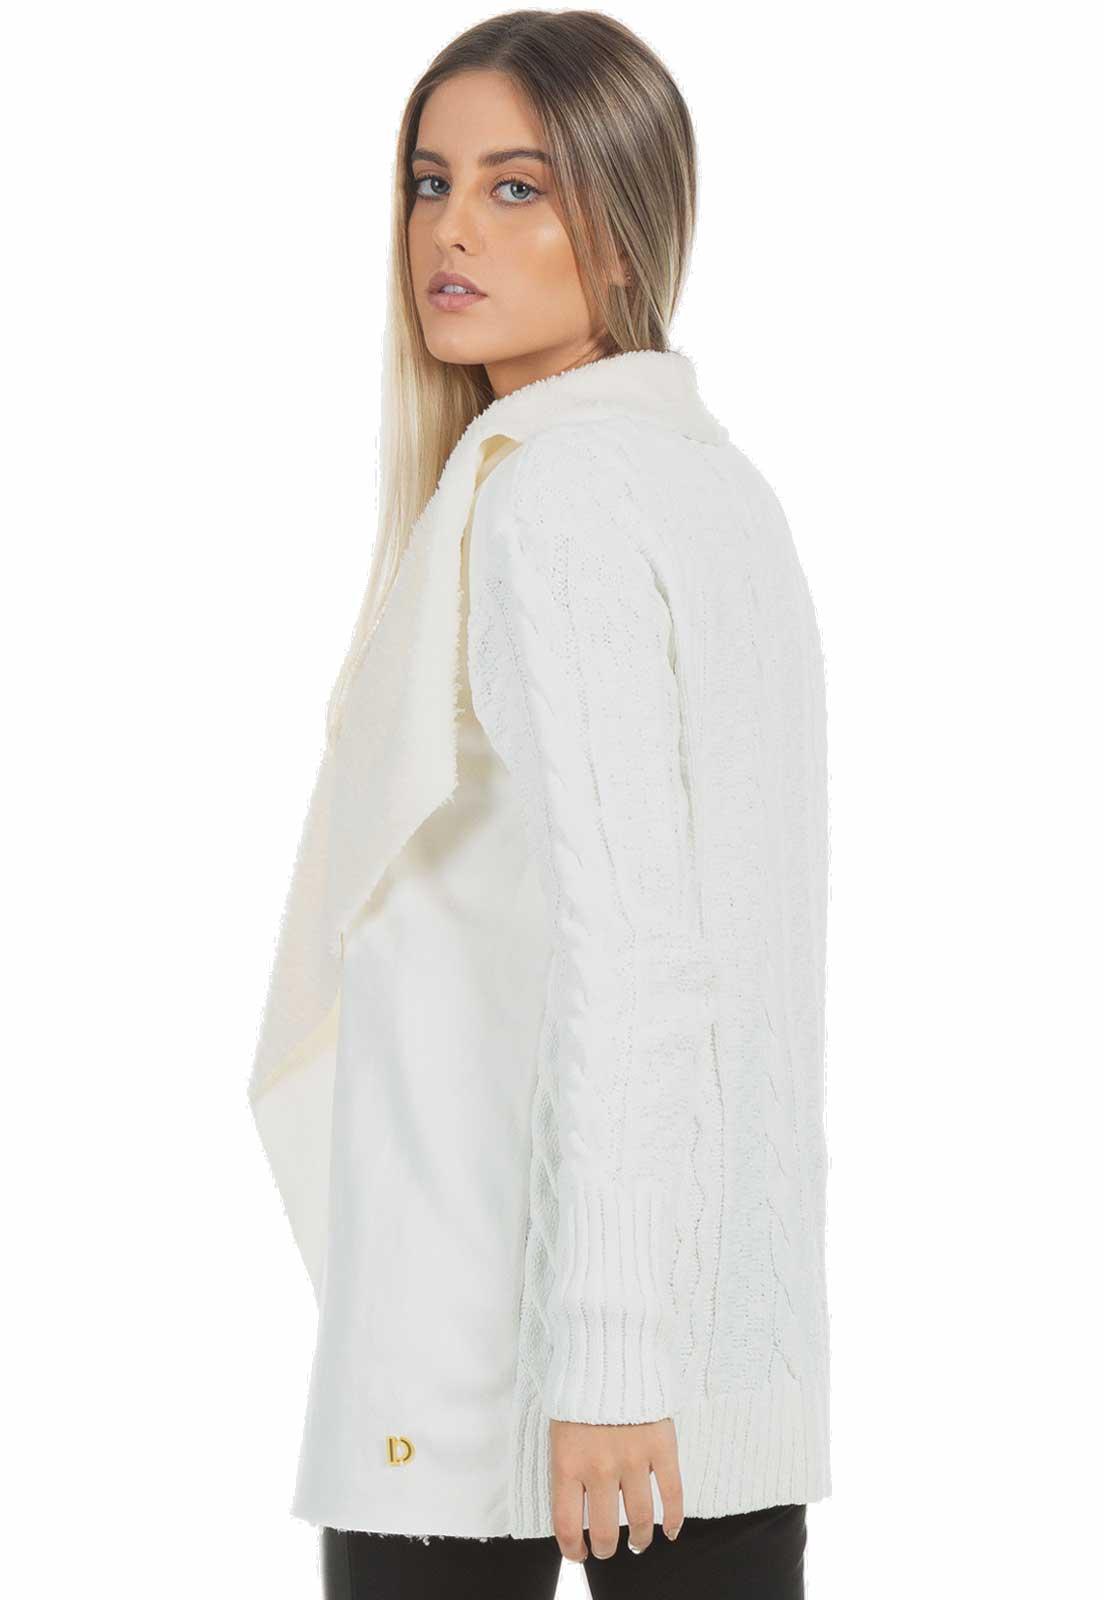 Casaco Dioxes Manga Longa tricot detalhe pele carneirinho